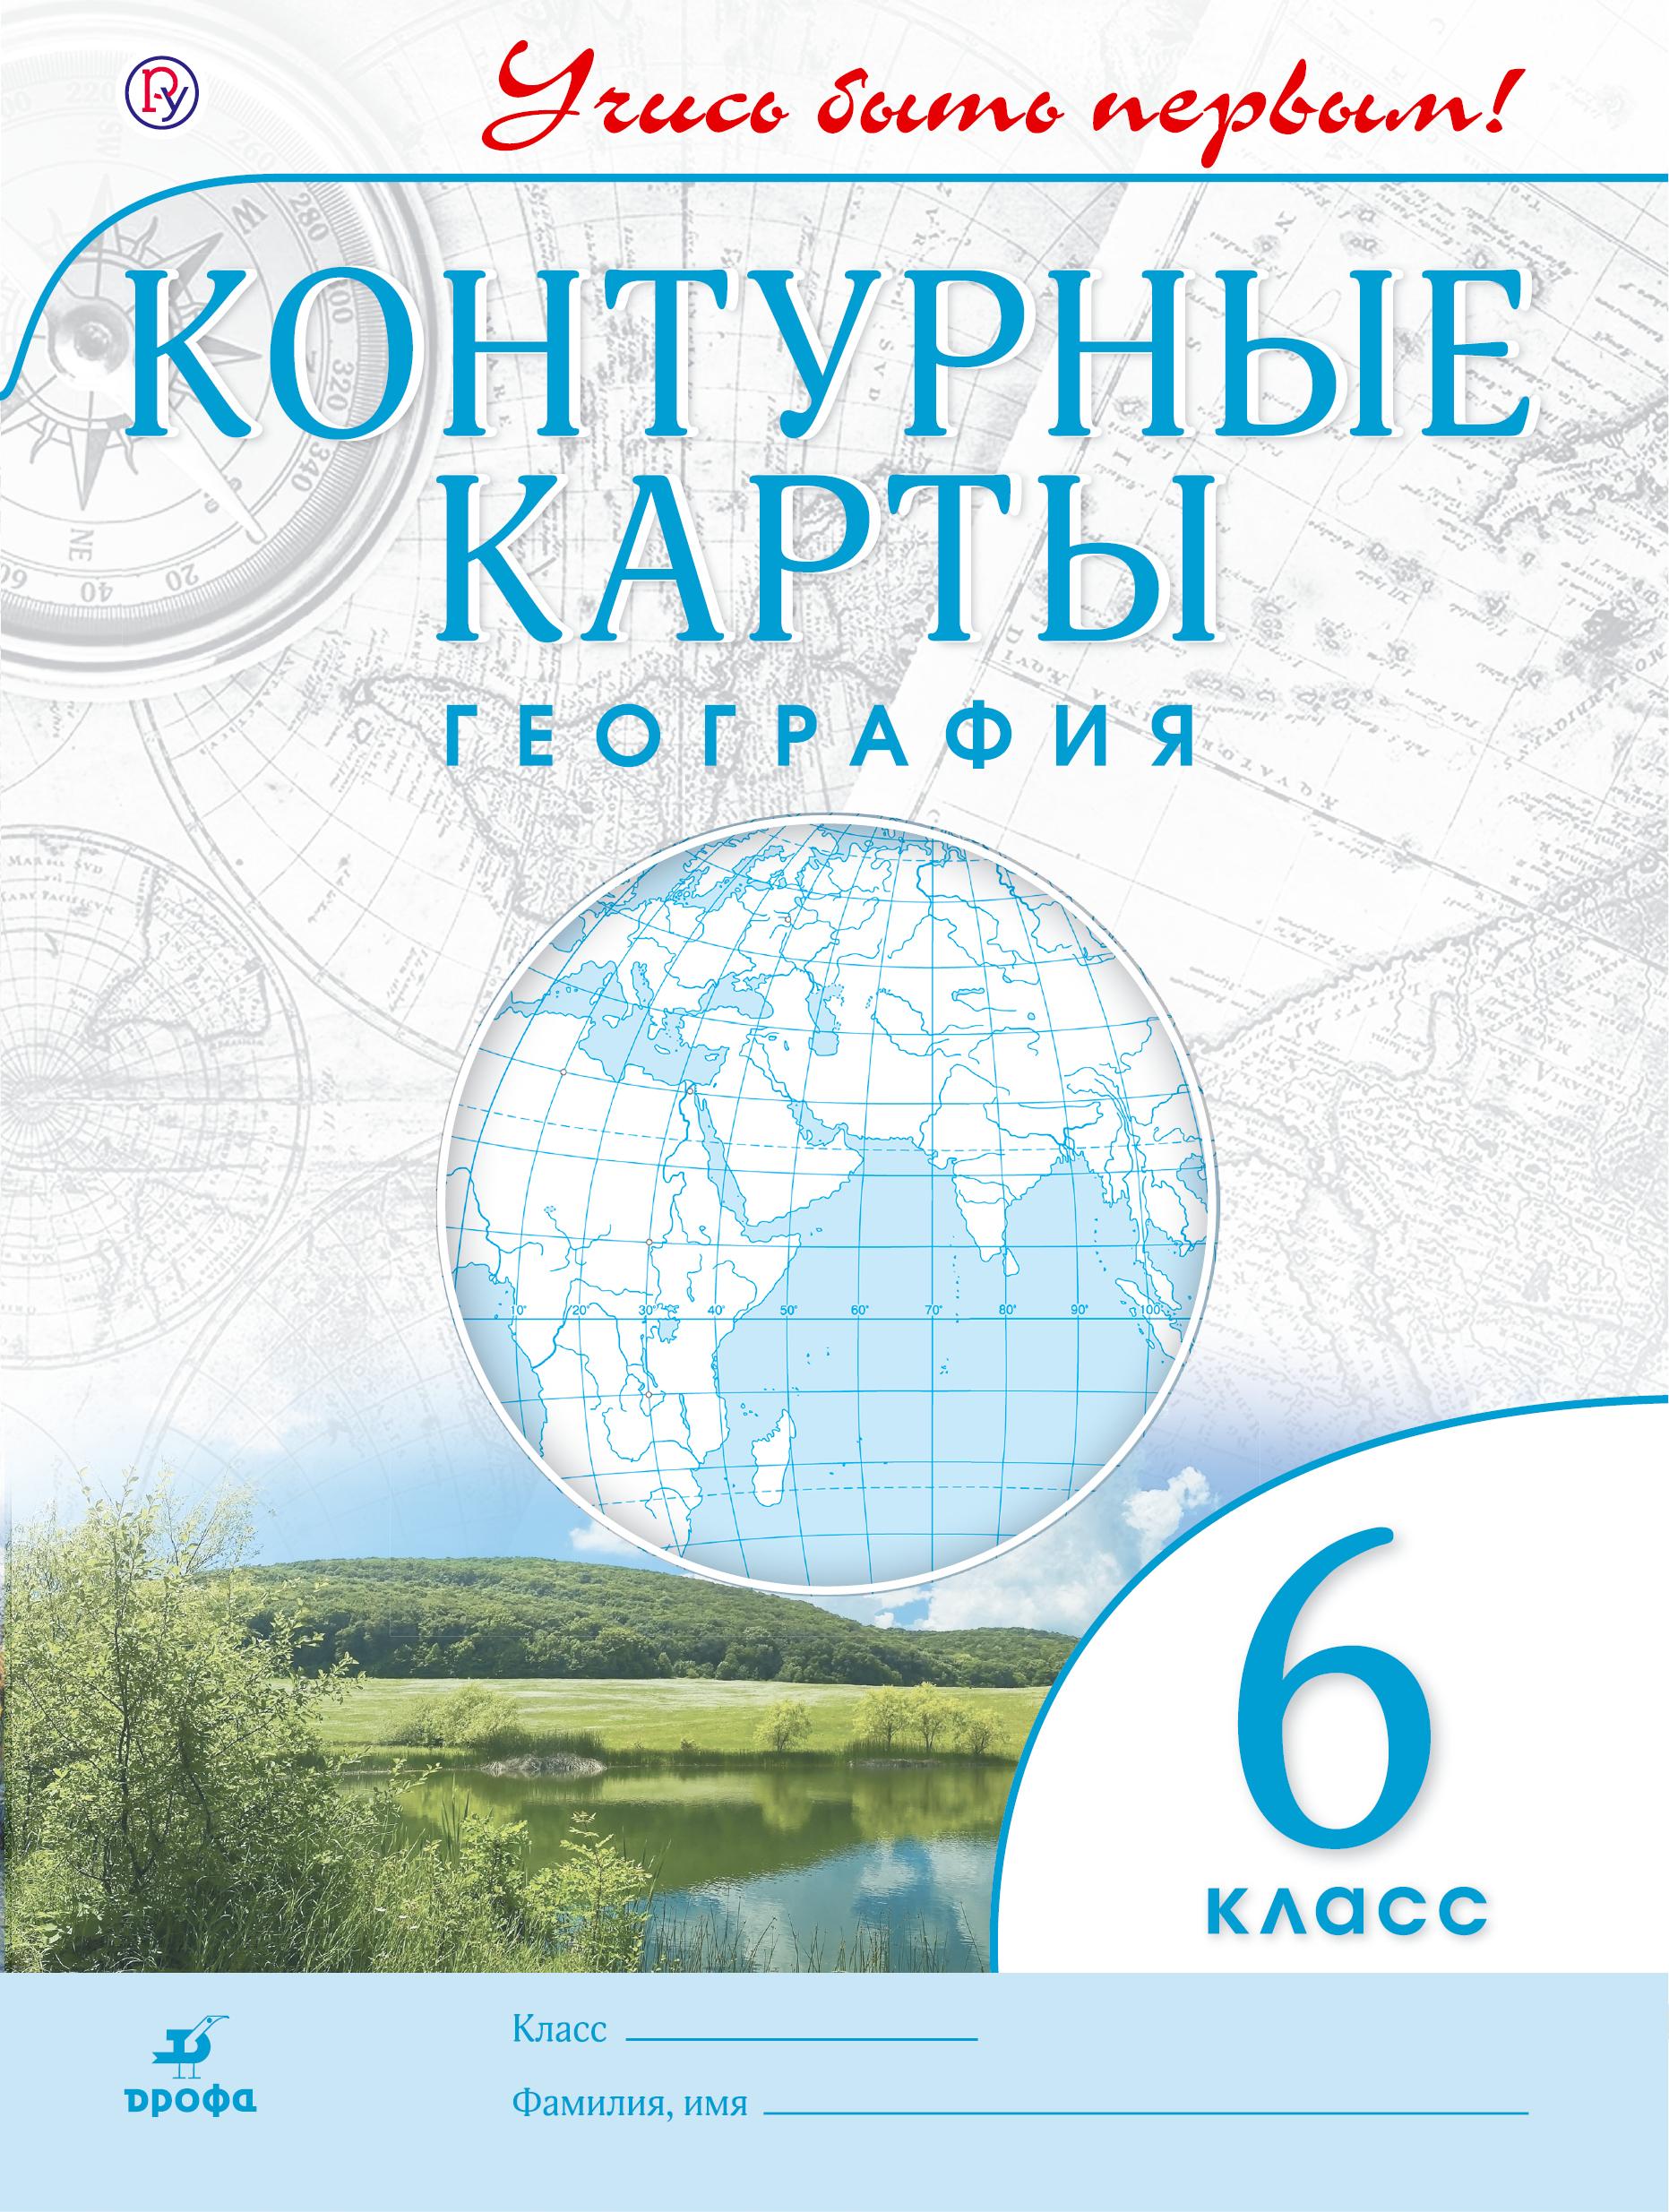 География. 6 класс. Контурные карты. (Учись быть первым!) НОВЫЕ. ФГОС от book24.ru